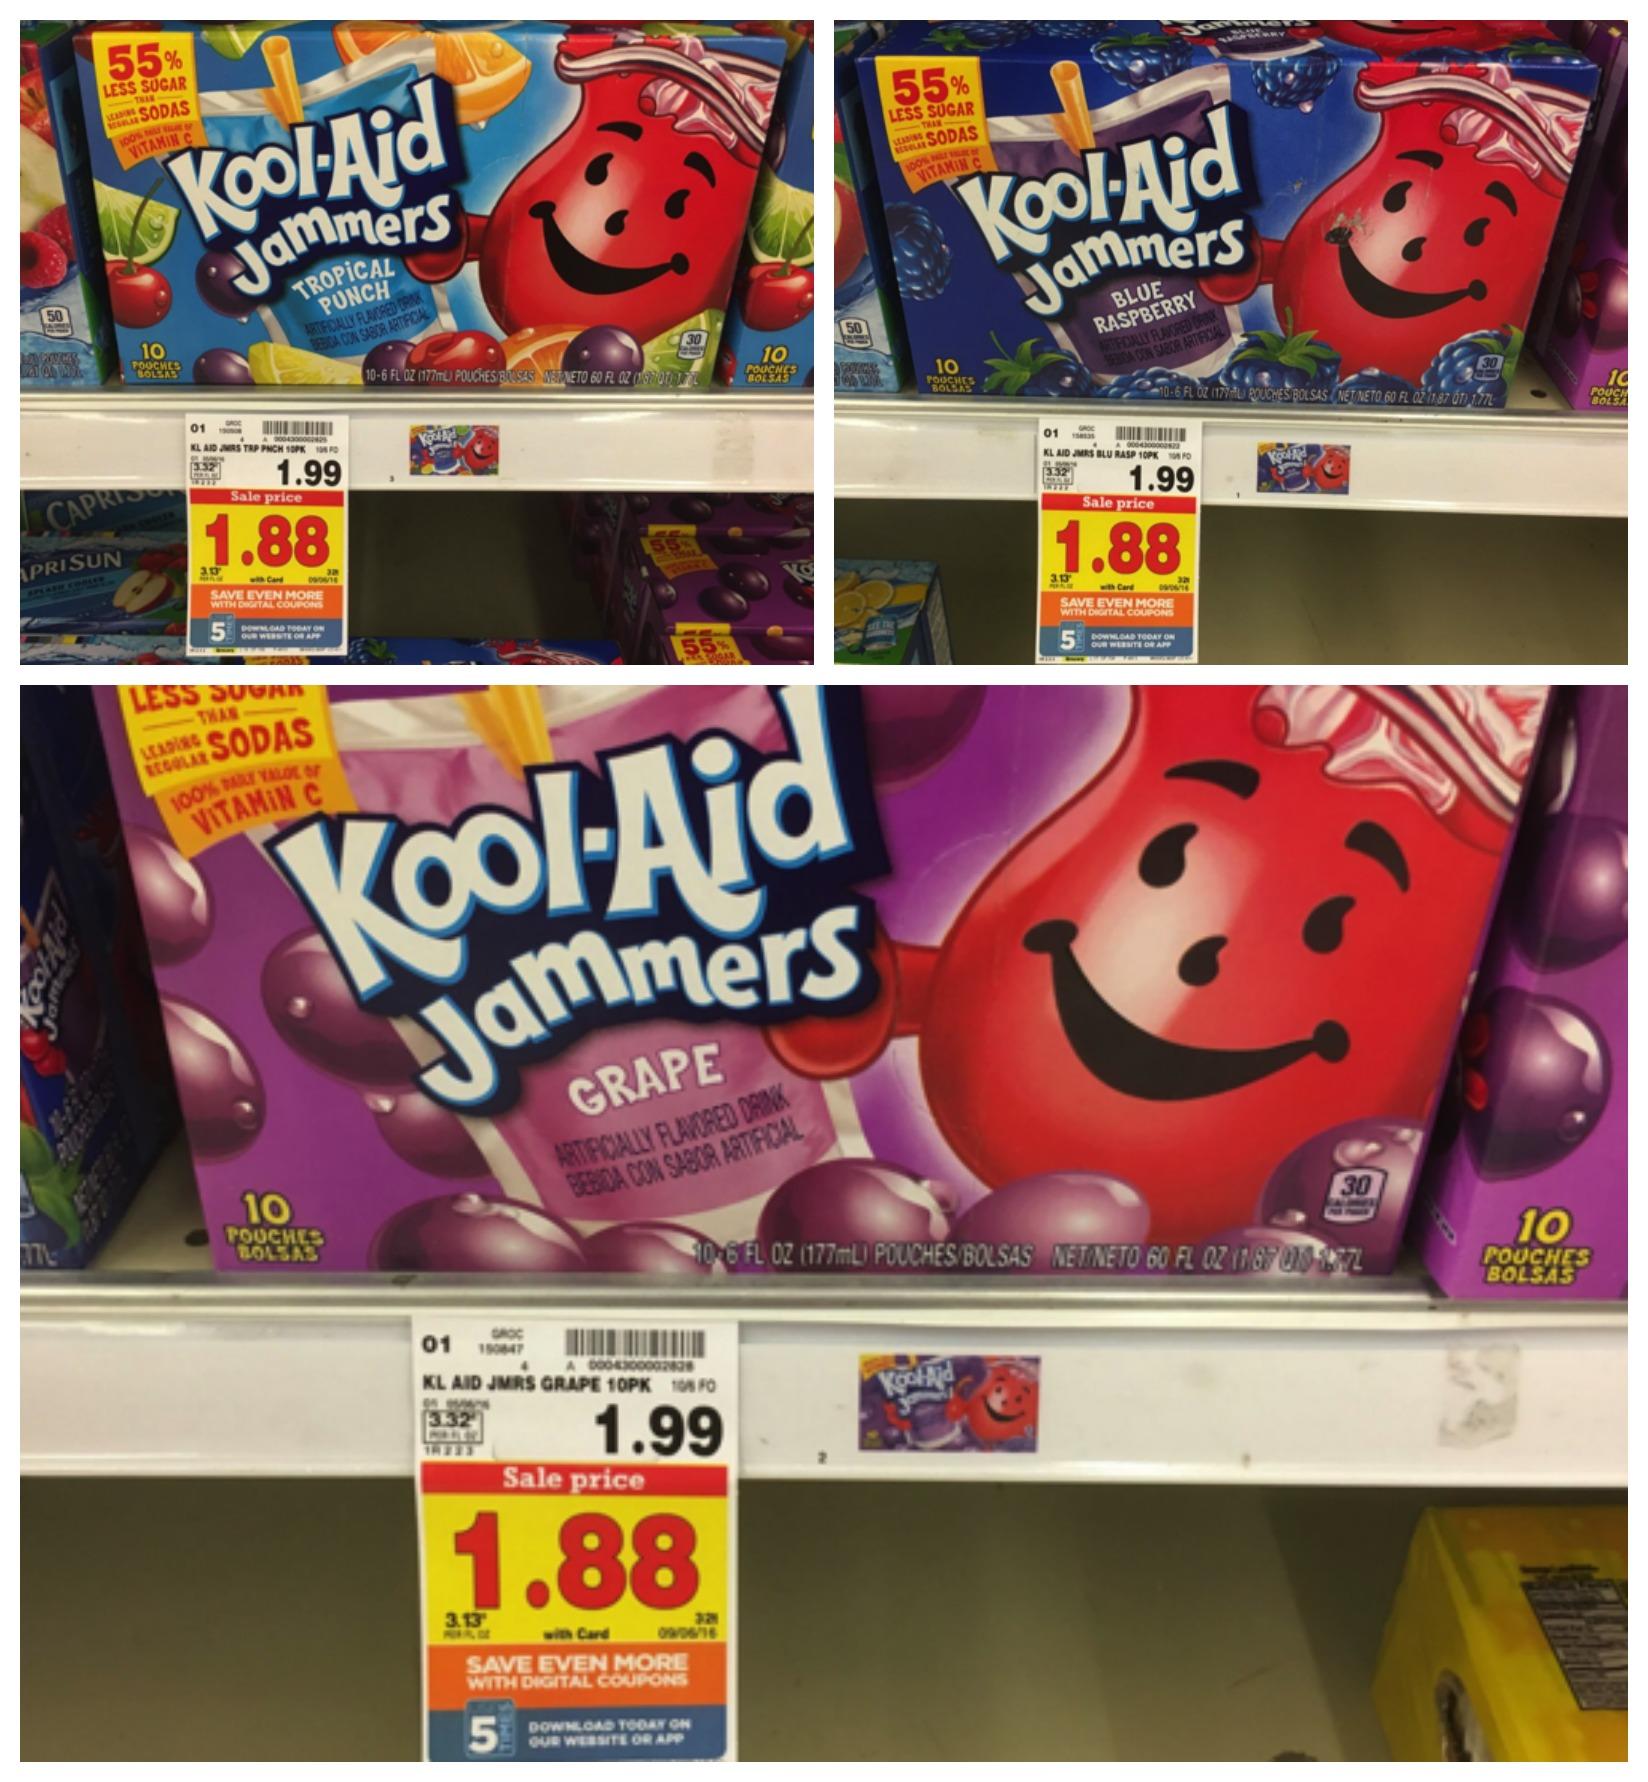 kool-aid jammers collage